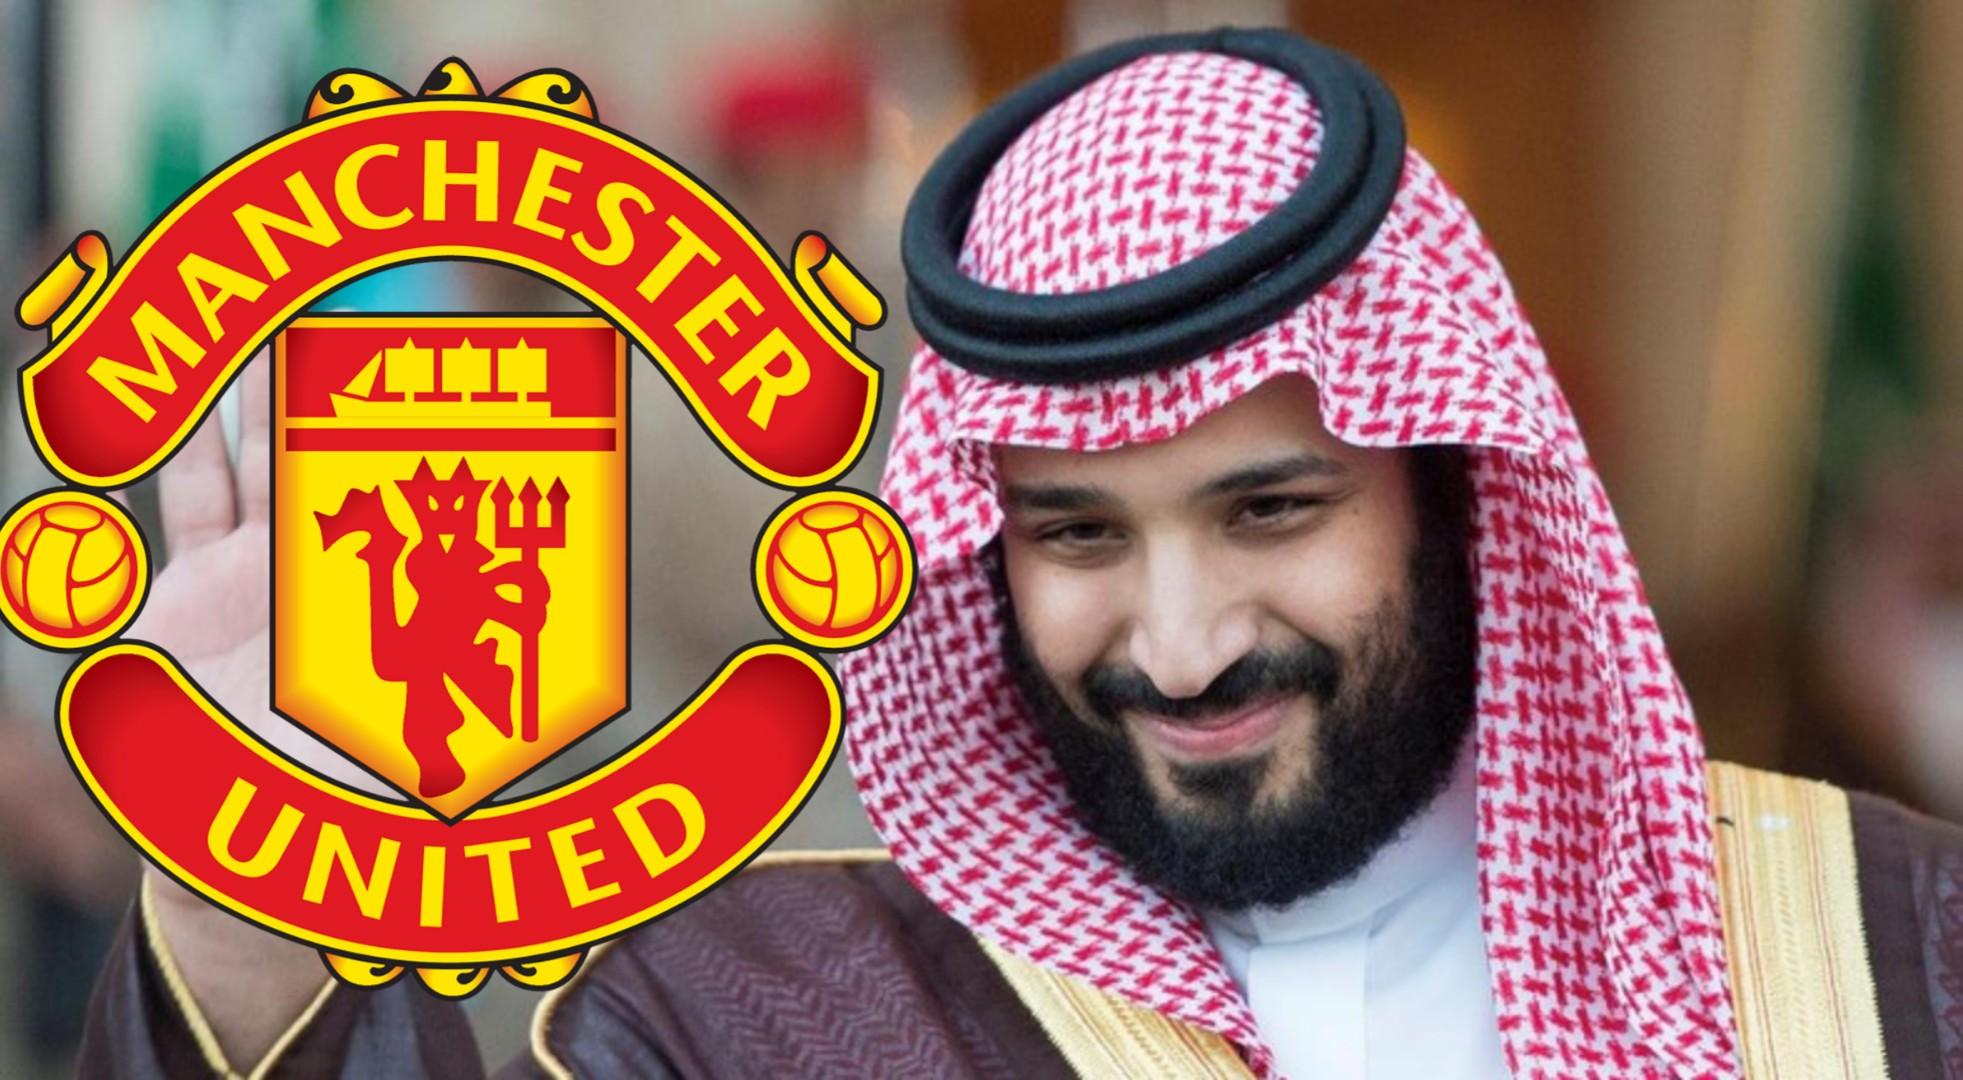 Putera Saudi Tingkatkan Bidaan RM20 Bilion, Tetap Mahu Beli Manchester United!